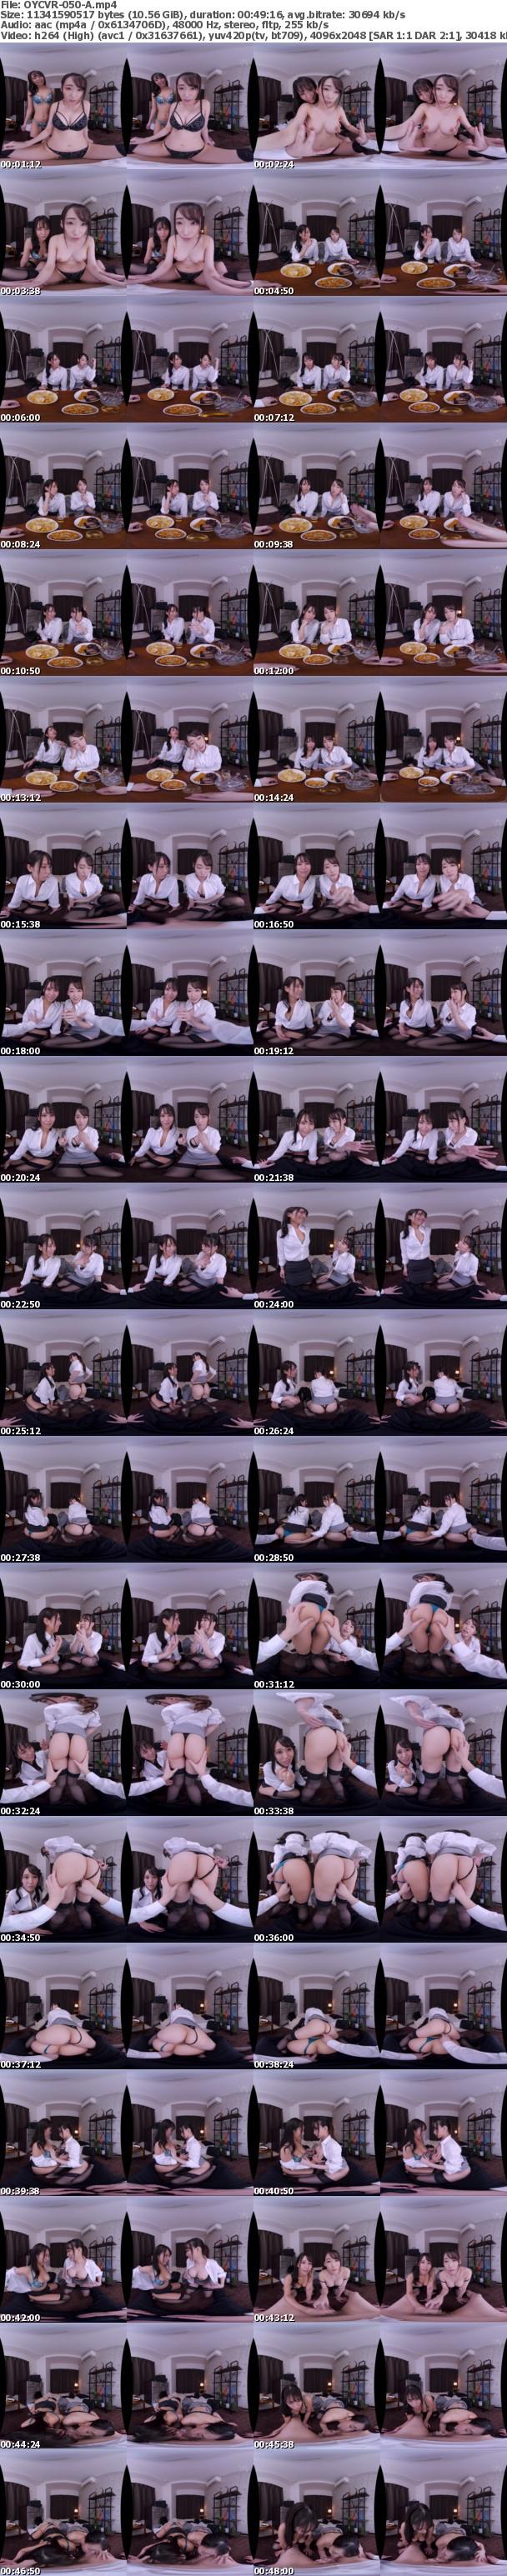 (VR) OYCVR-050 お尻がピクピク動く神尻女上司にW密着ピストンで朝まで中出しを繰り返させられて…!?